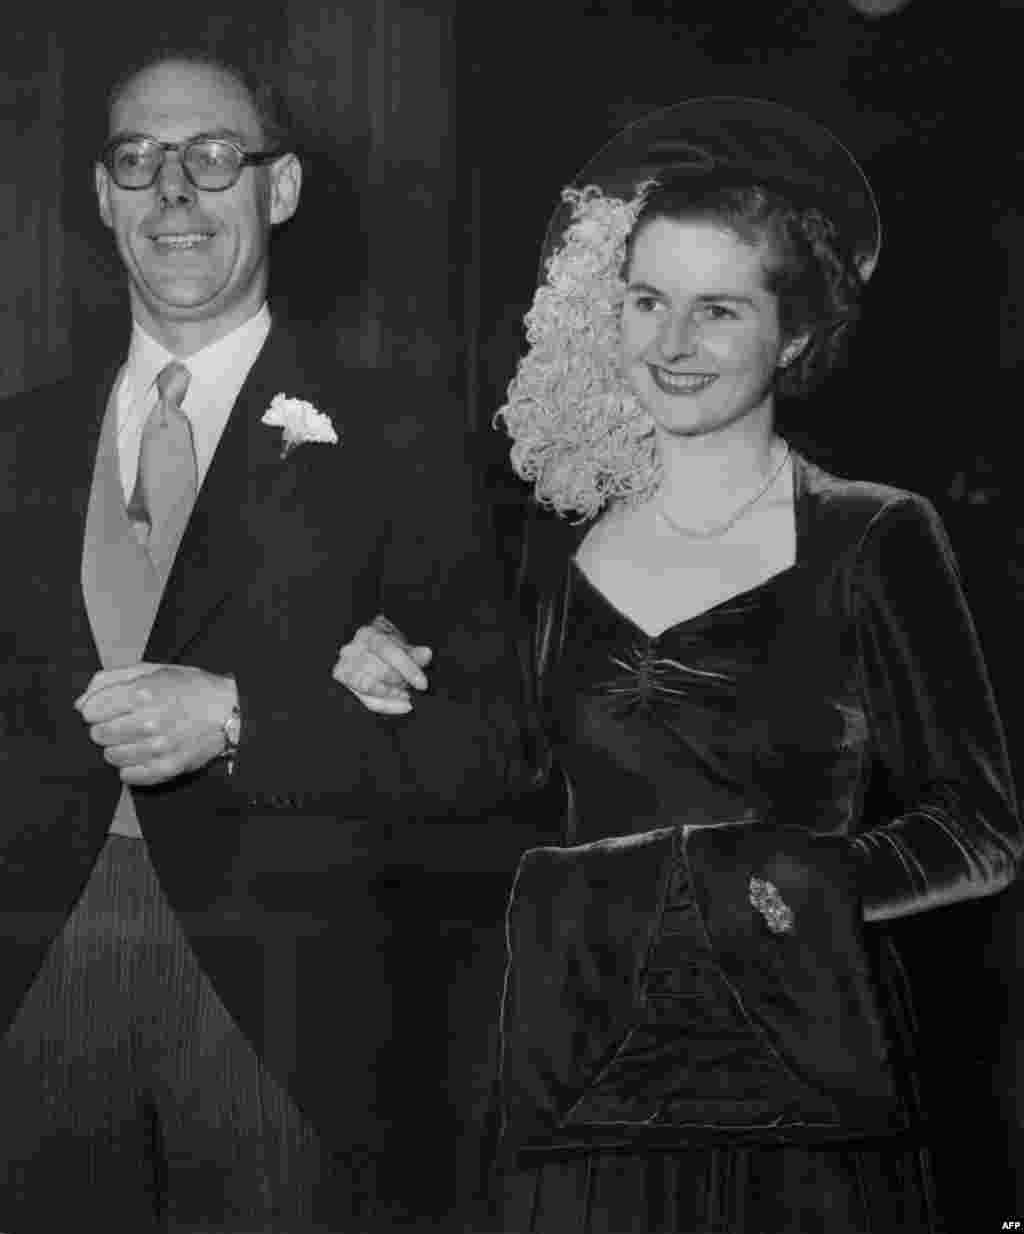 Margaret Thatcher married Denis Thatcher in London in December 1951.